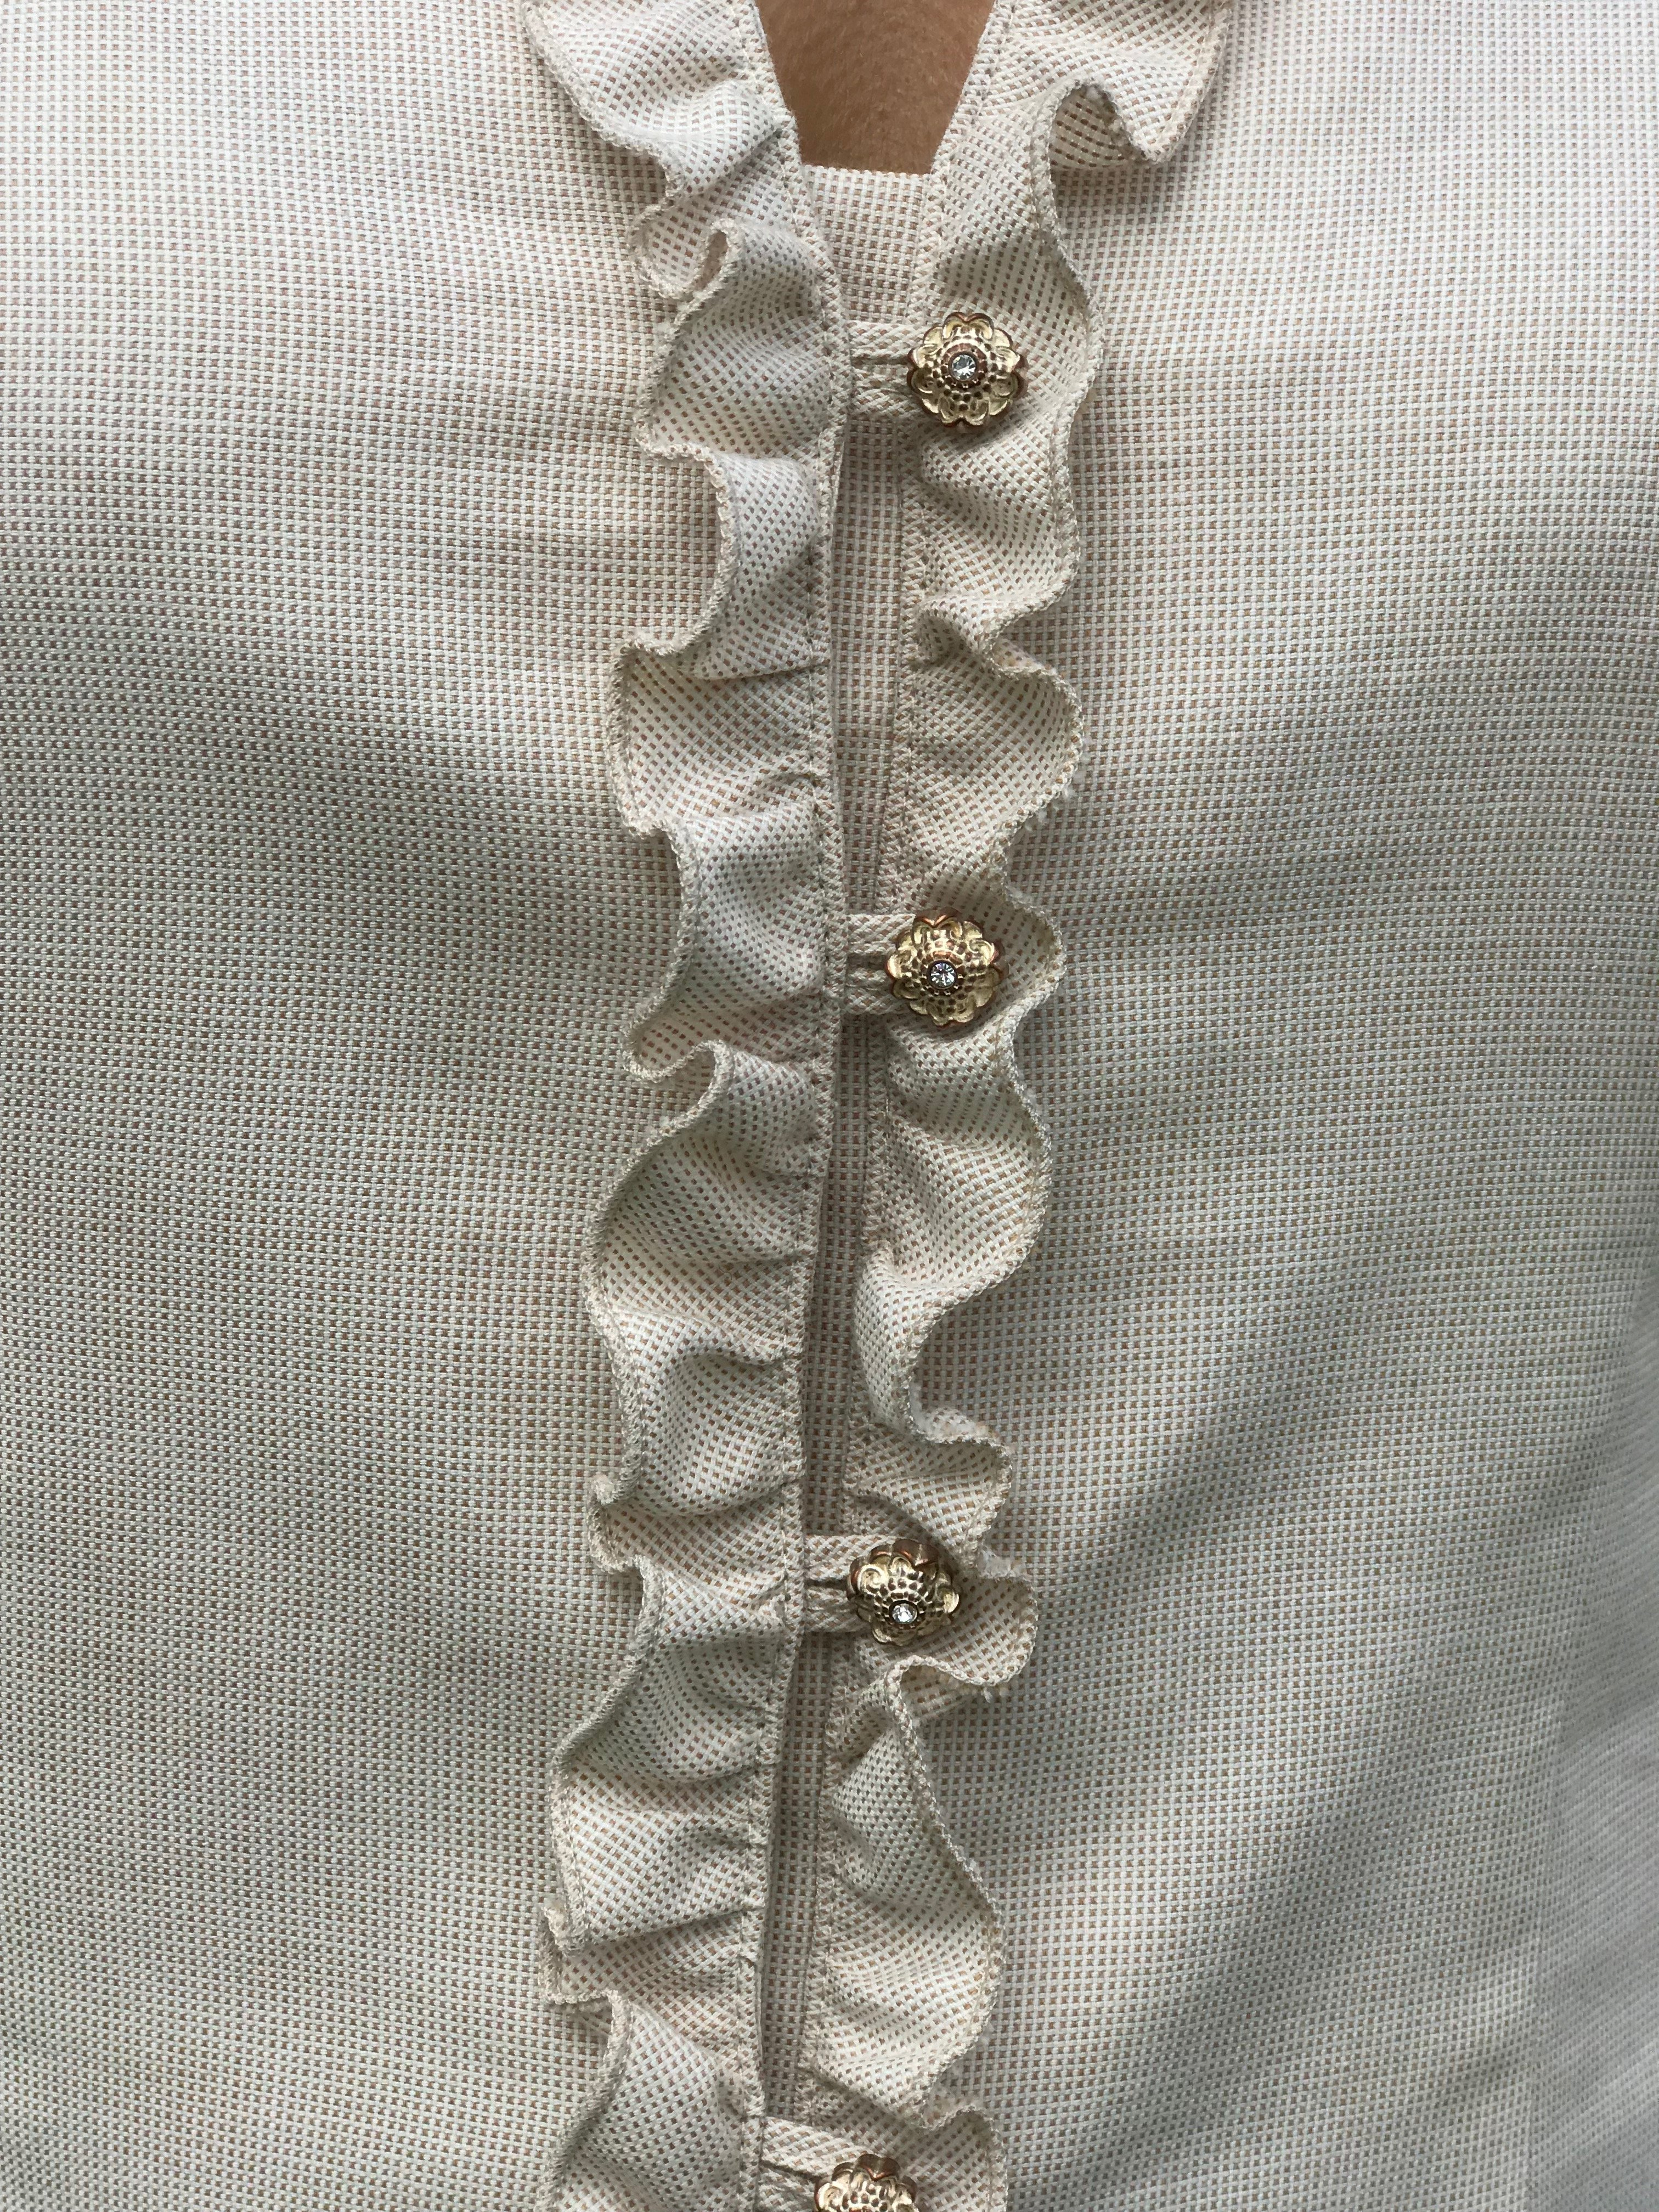 Skjortan Lena i 100% BCI bomull, naturligt färgad. Bild på knäppning fram med volanger.